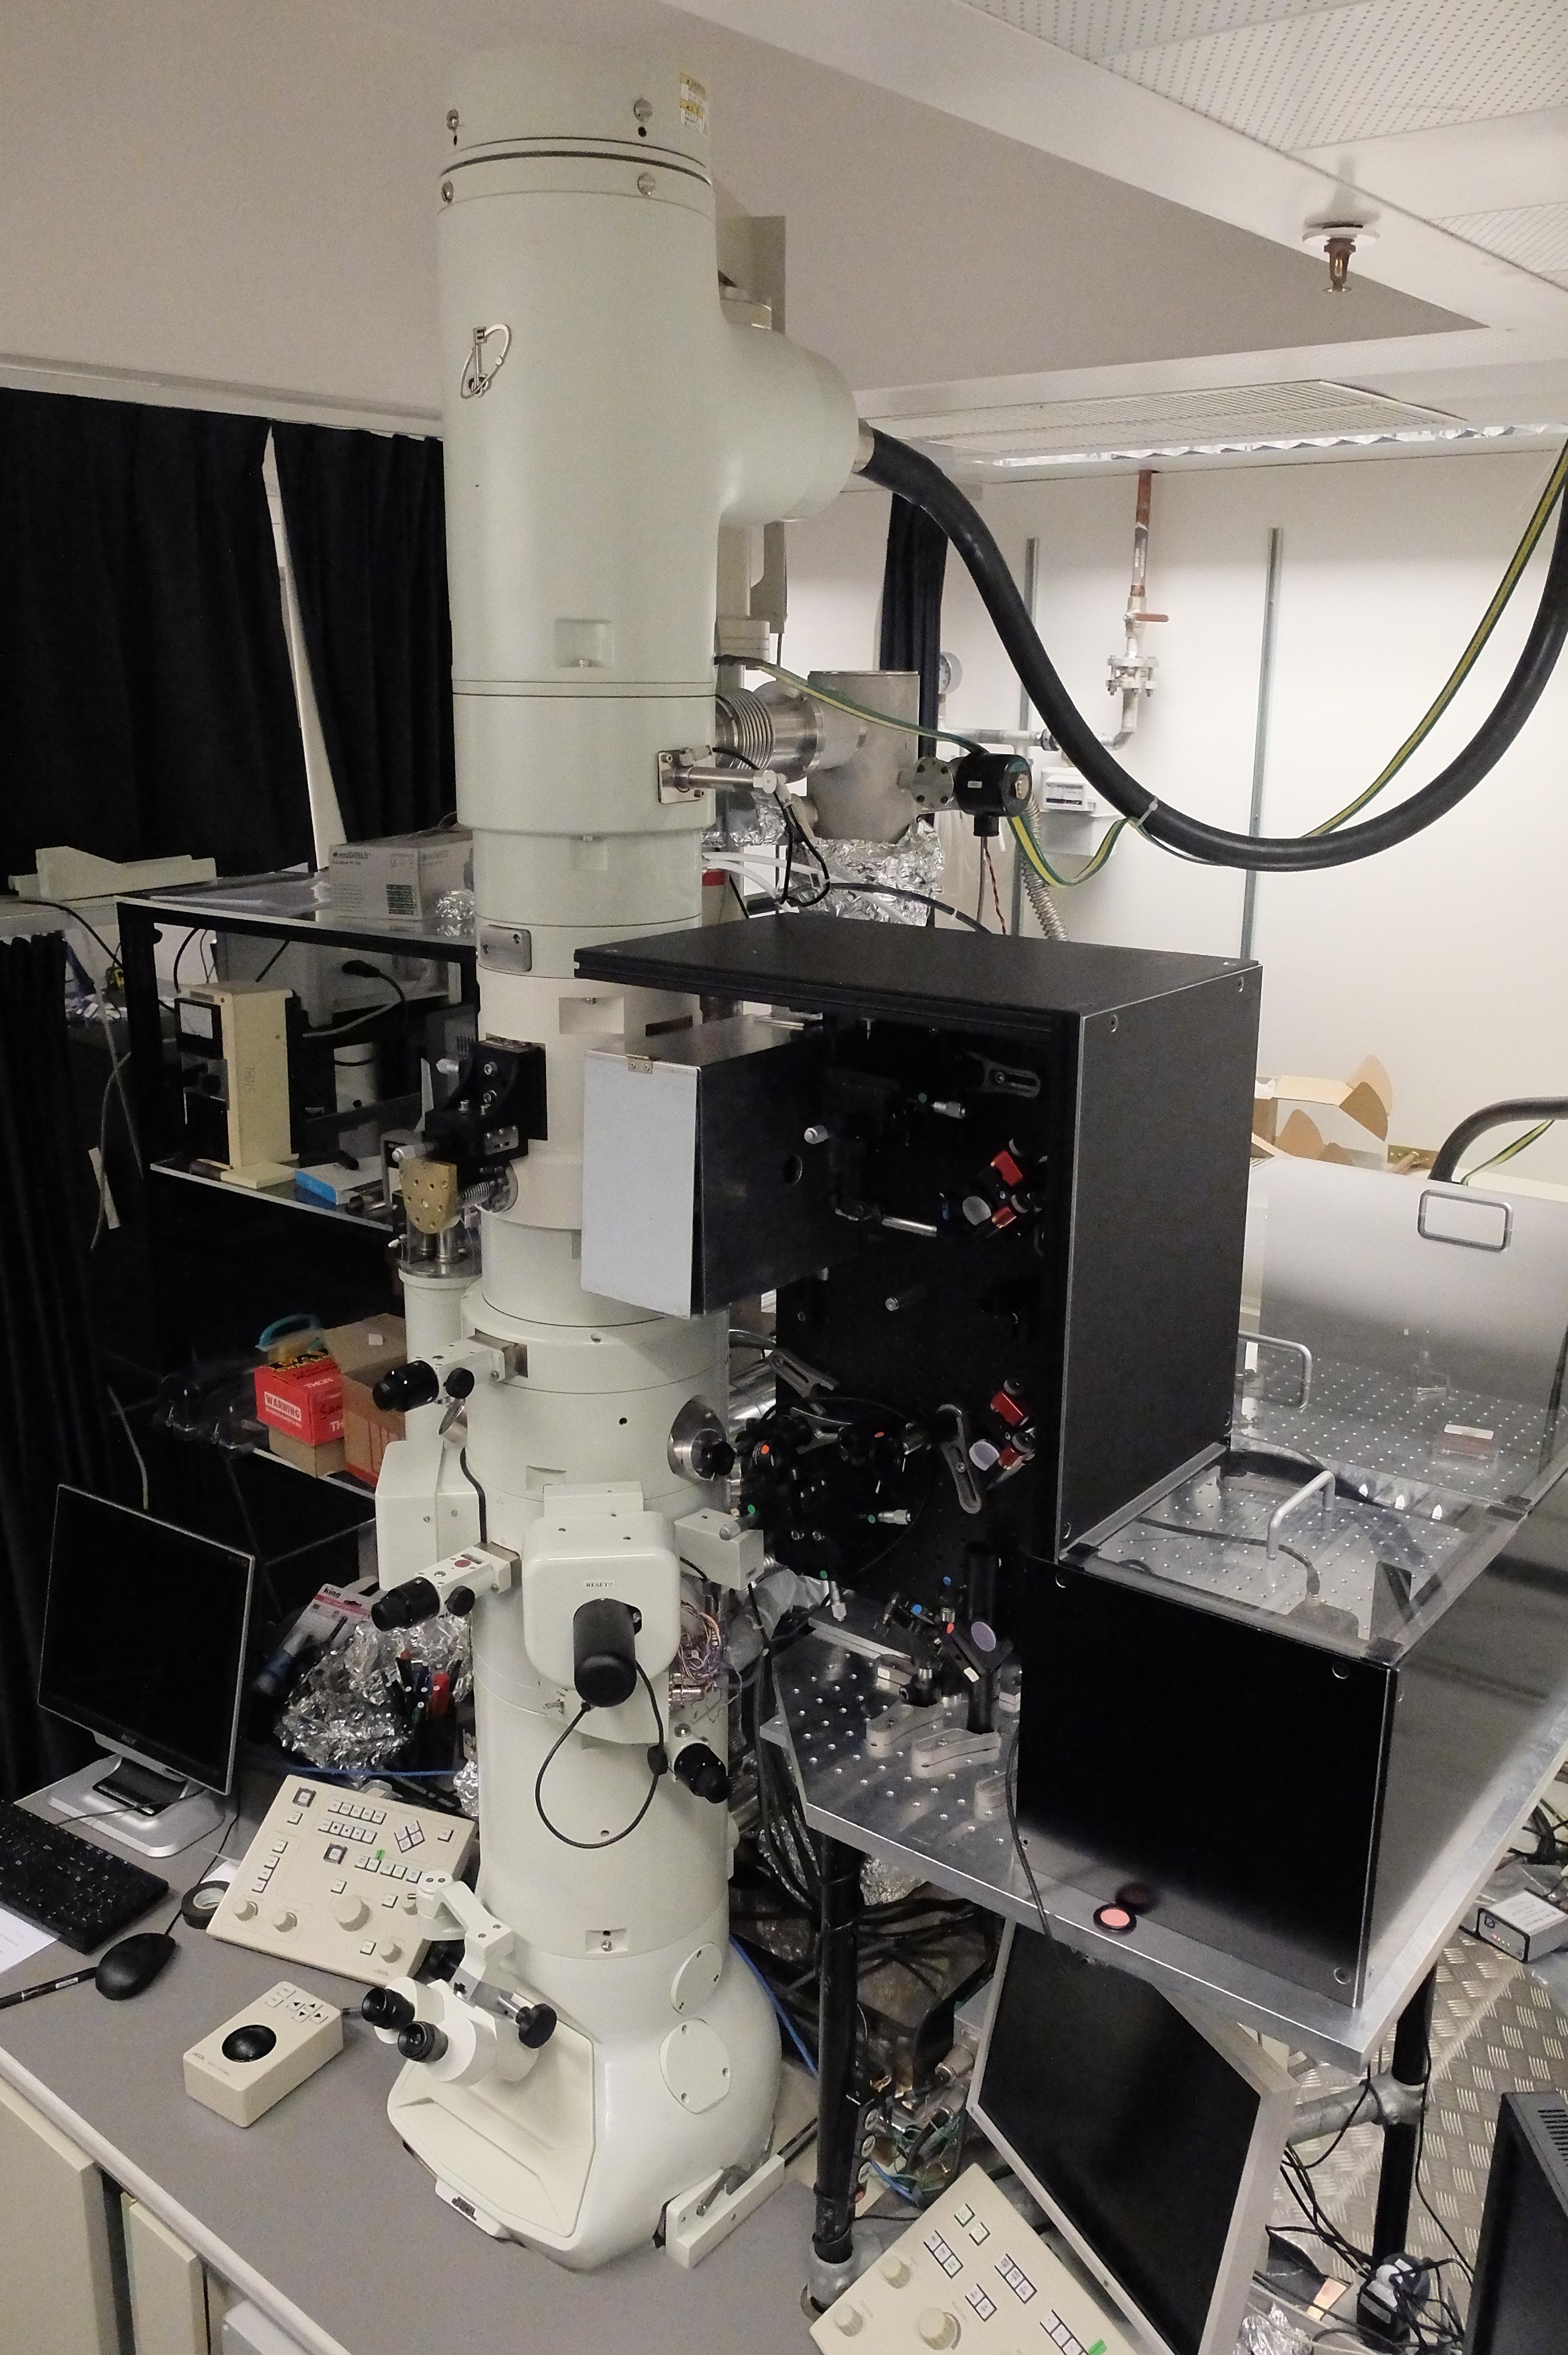 Mit diesem 'Mikroskop' glückte die Aufnahme der Teilchenwelle. (Bild: Fabrizio Carbone/EPFL)